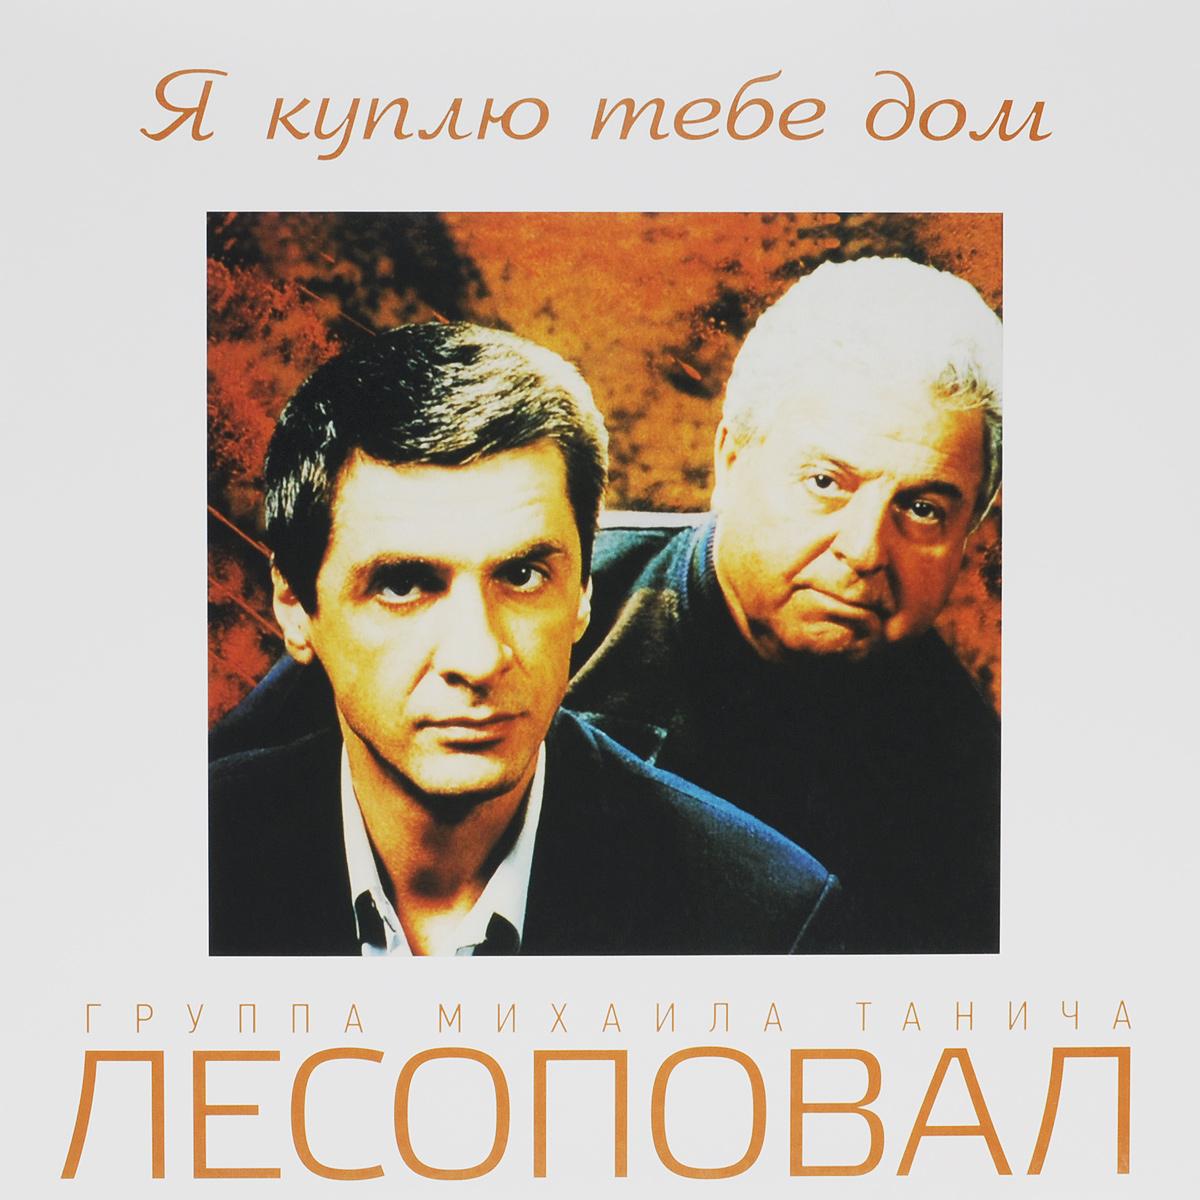 Лесоповал Группа Михаила Танича Лесоповал. Я куплю тебе дом (LP) елена гордина я куплю тебе новую жизнь